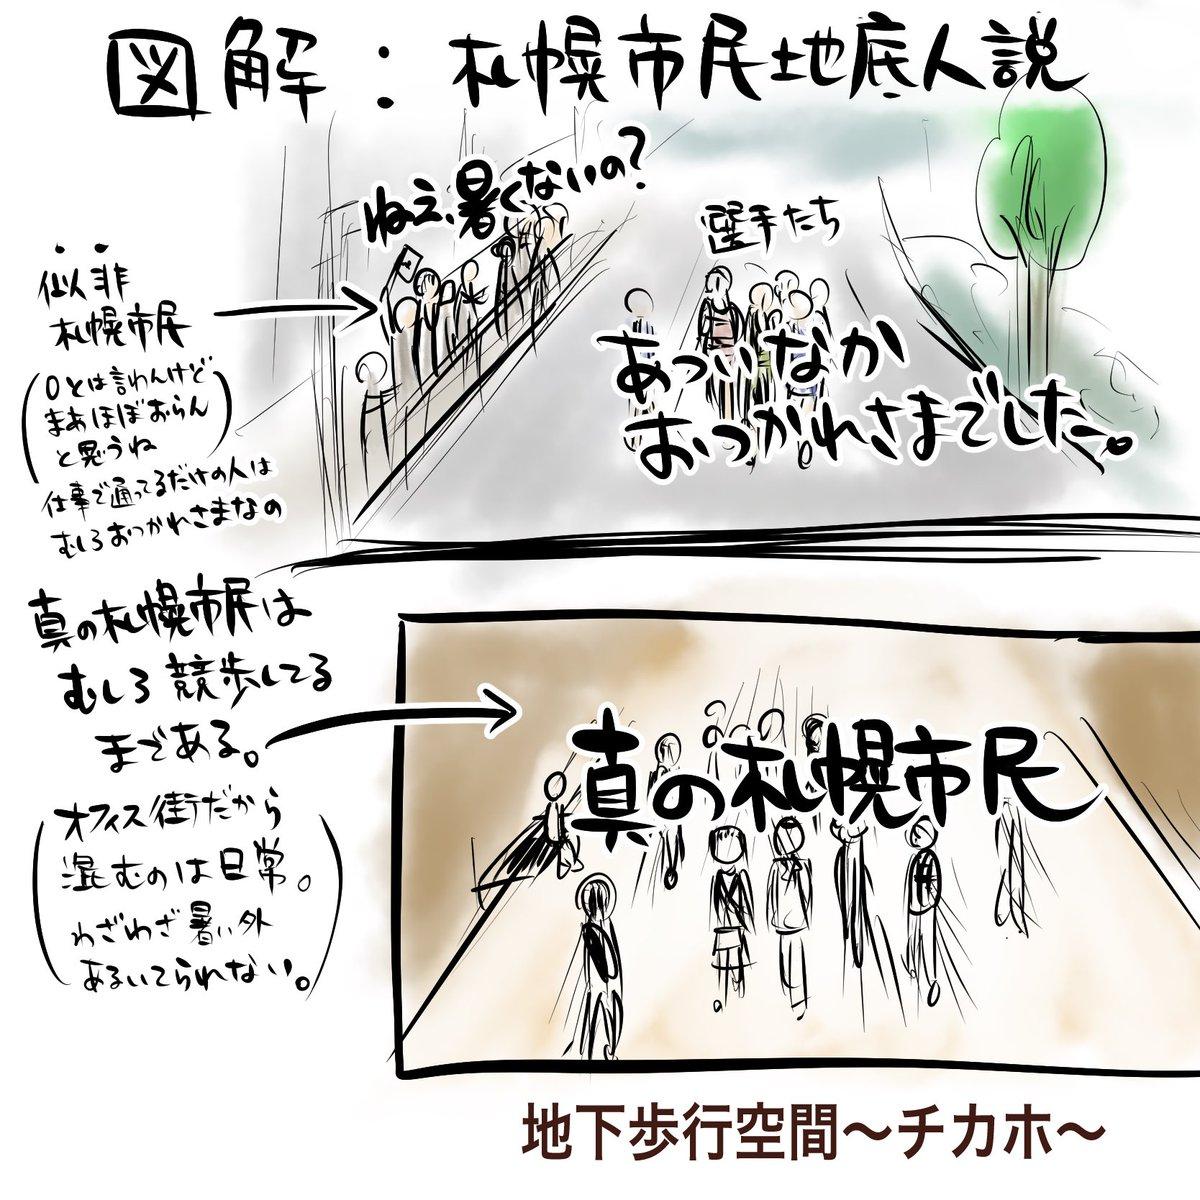 真の札幌市民は真夏に地上は通らない、みんな地下道で移動している!